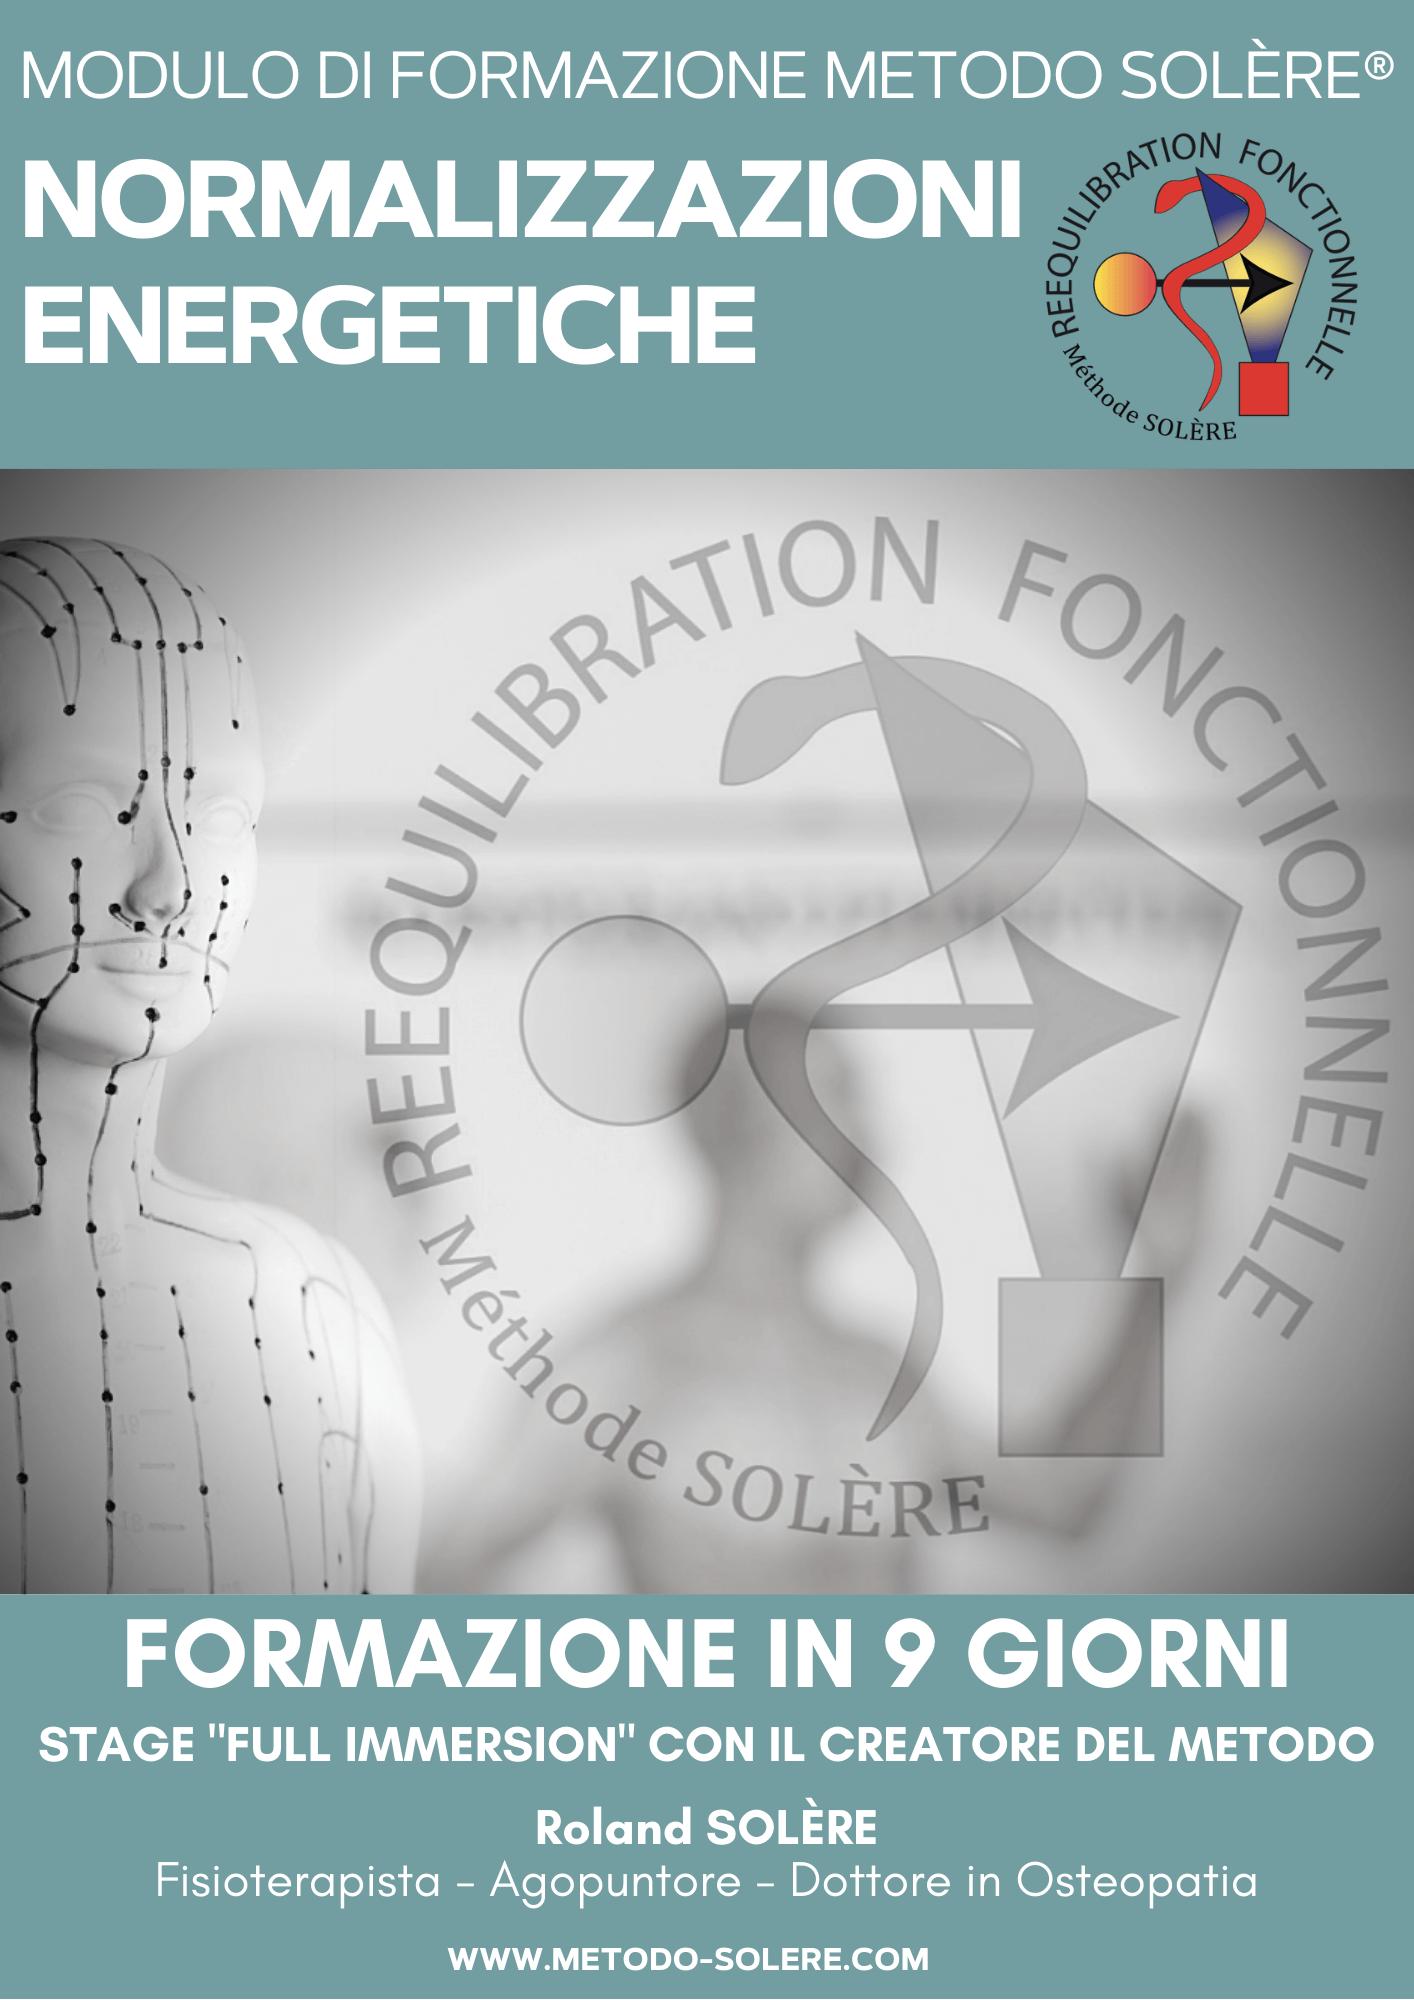 Normalizzazioni Energetiche® (72 modelli terapeutici)